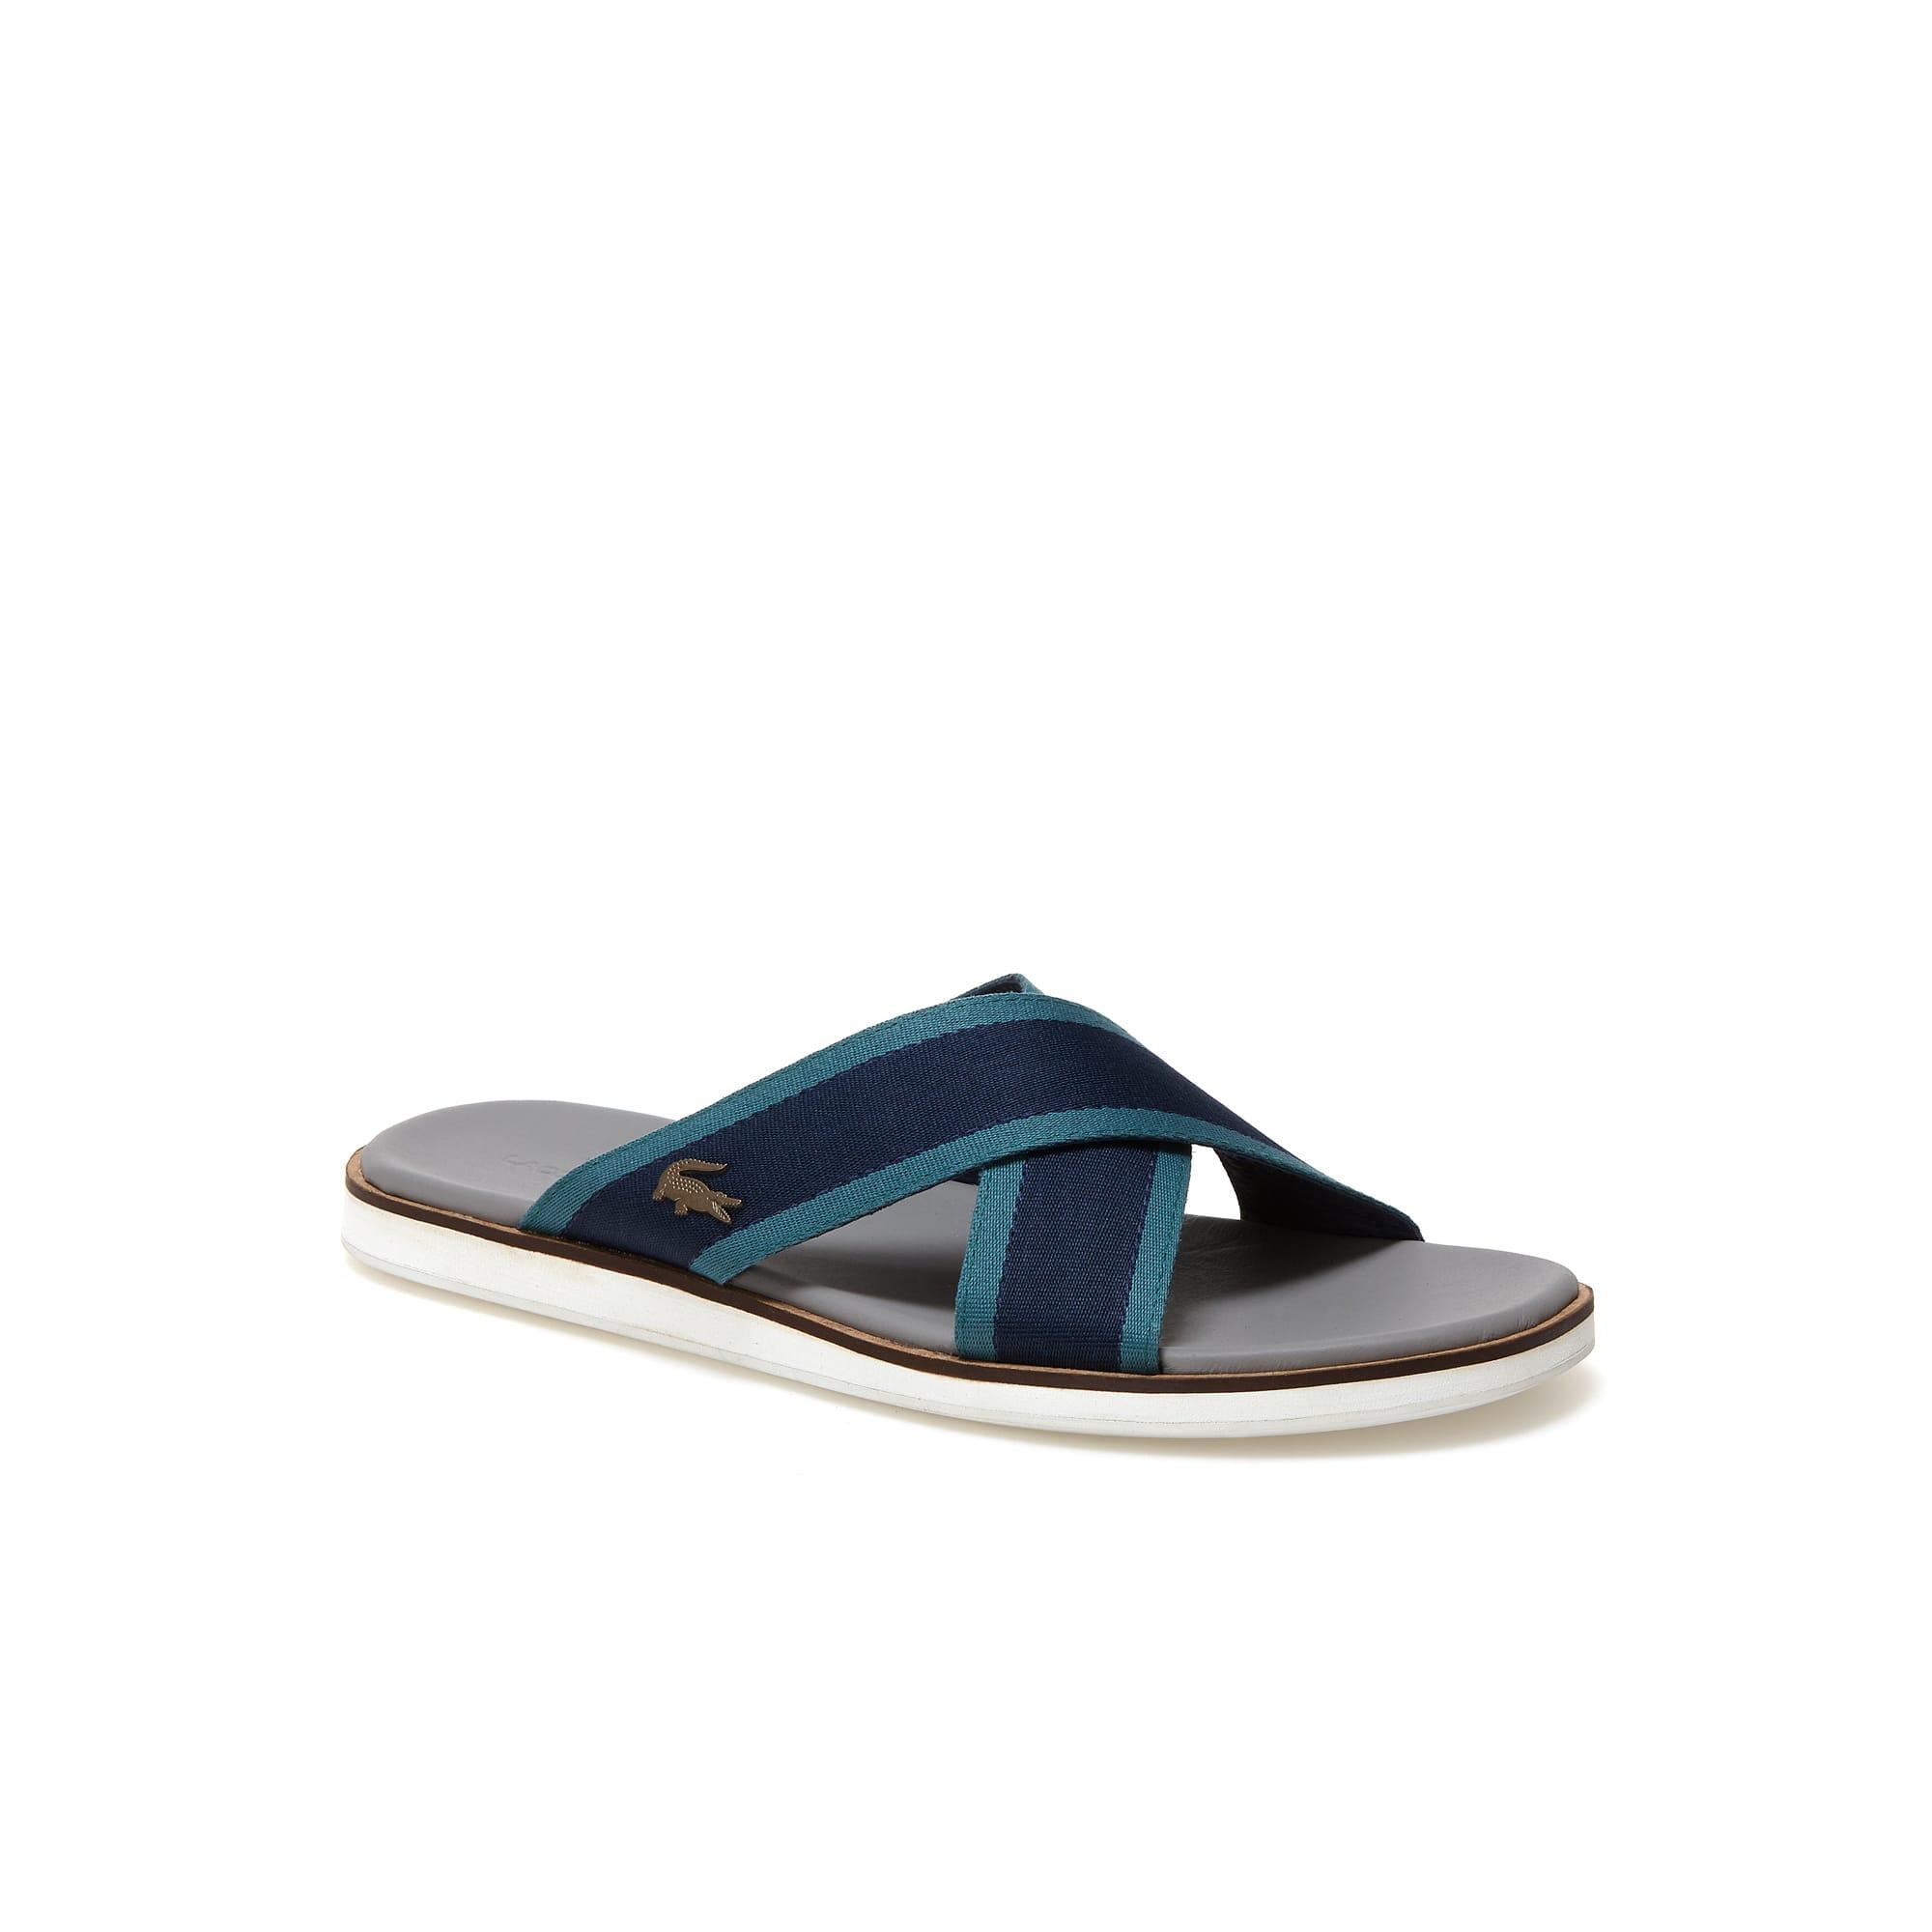 حذاء Coupri  خفيف سهل الارتداء من الجلد للرجال